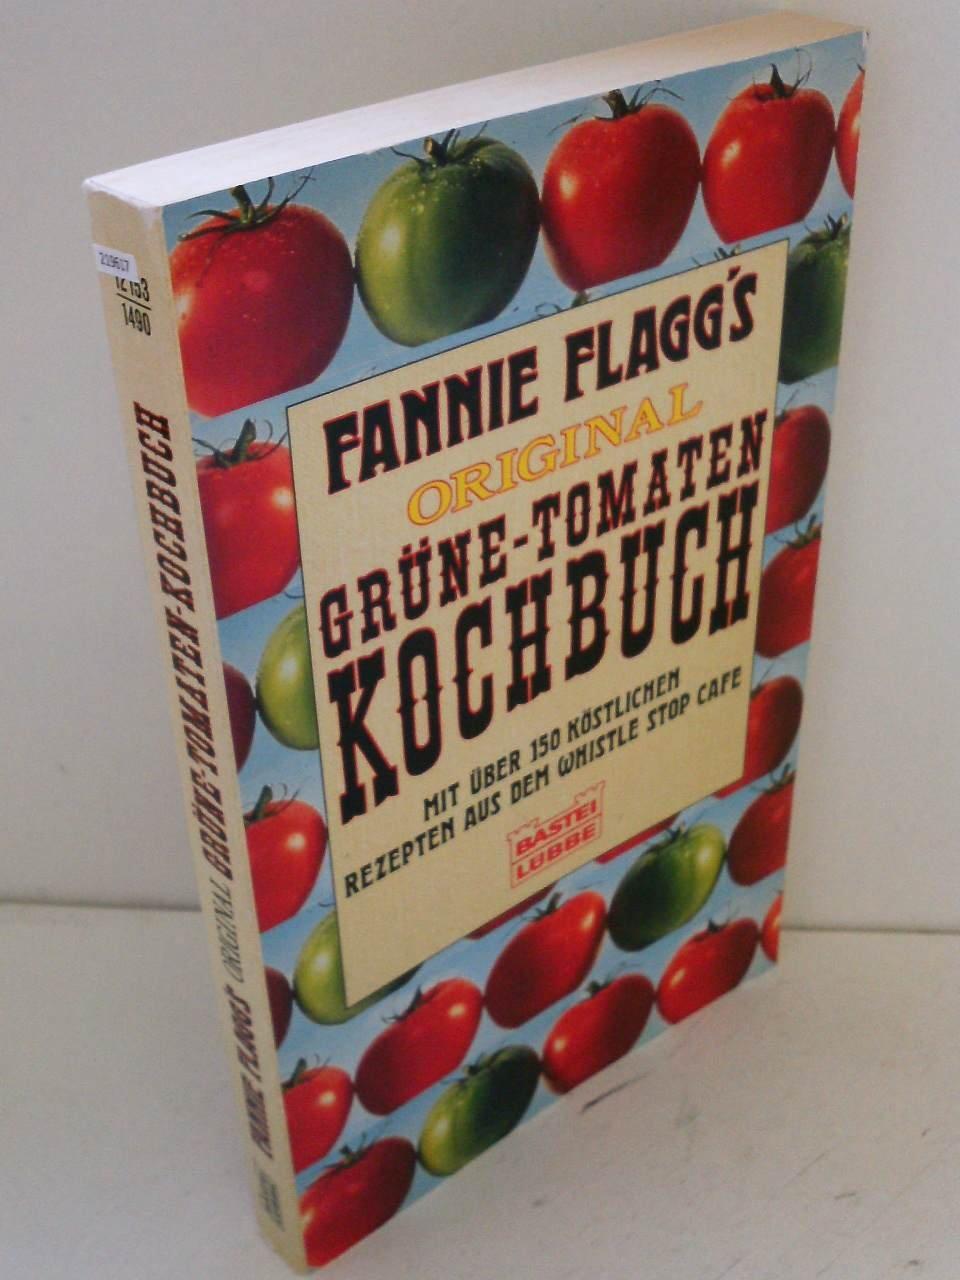 Fannie Flagg's Original Grüne- Tomaten Kochbuch. Mit über 150 köstlichen Rezepten aus dem Whistle Stop Cafe